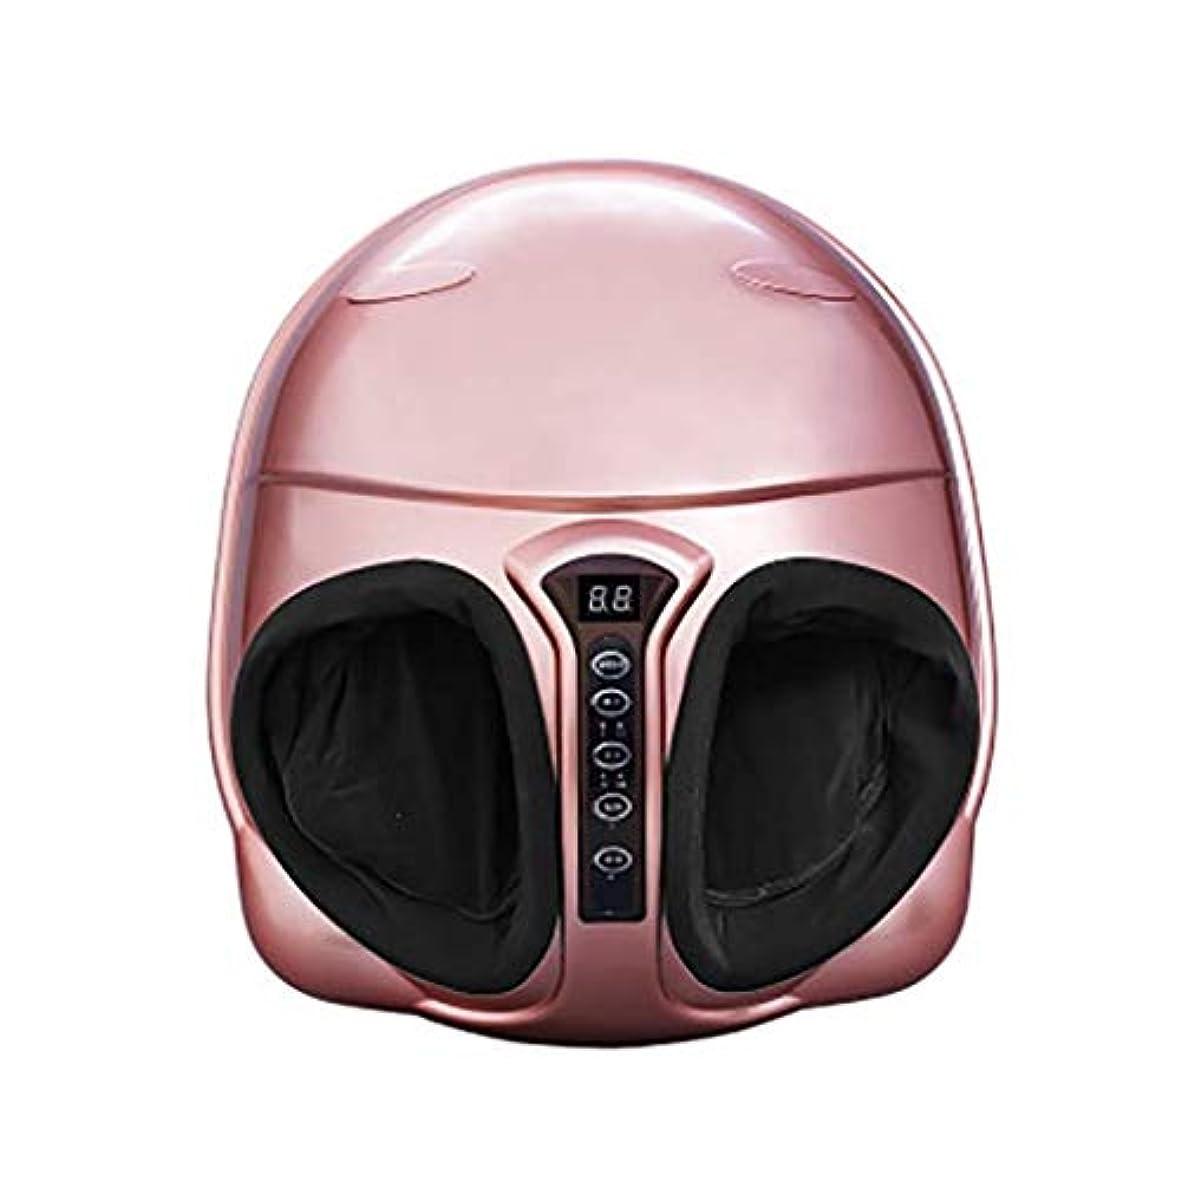 レイア摂動マンハッタンフットマッサージャー、電気フットマッサージャー、赤外線/暖房/混練/空気圧/リラクゼーションマッサージ機器、リモートコントロールは、時間指定が可能 (Color : ピンク, Size : Noremotecontrol)